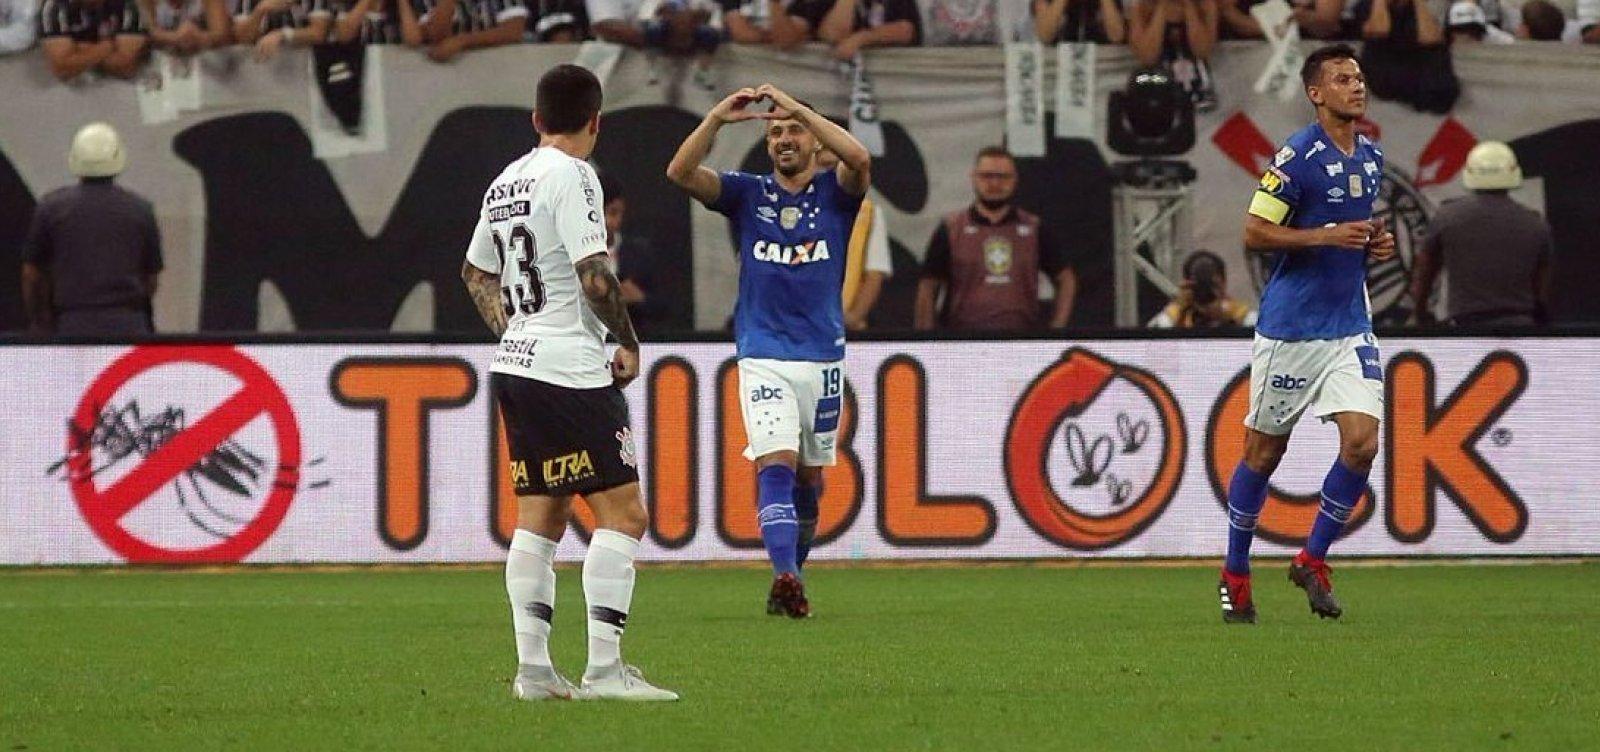 [Cruzeiro bate o Corinthians por 2 a 1 e é campeão da Copa do Brasil]